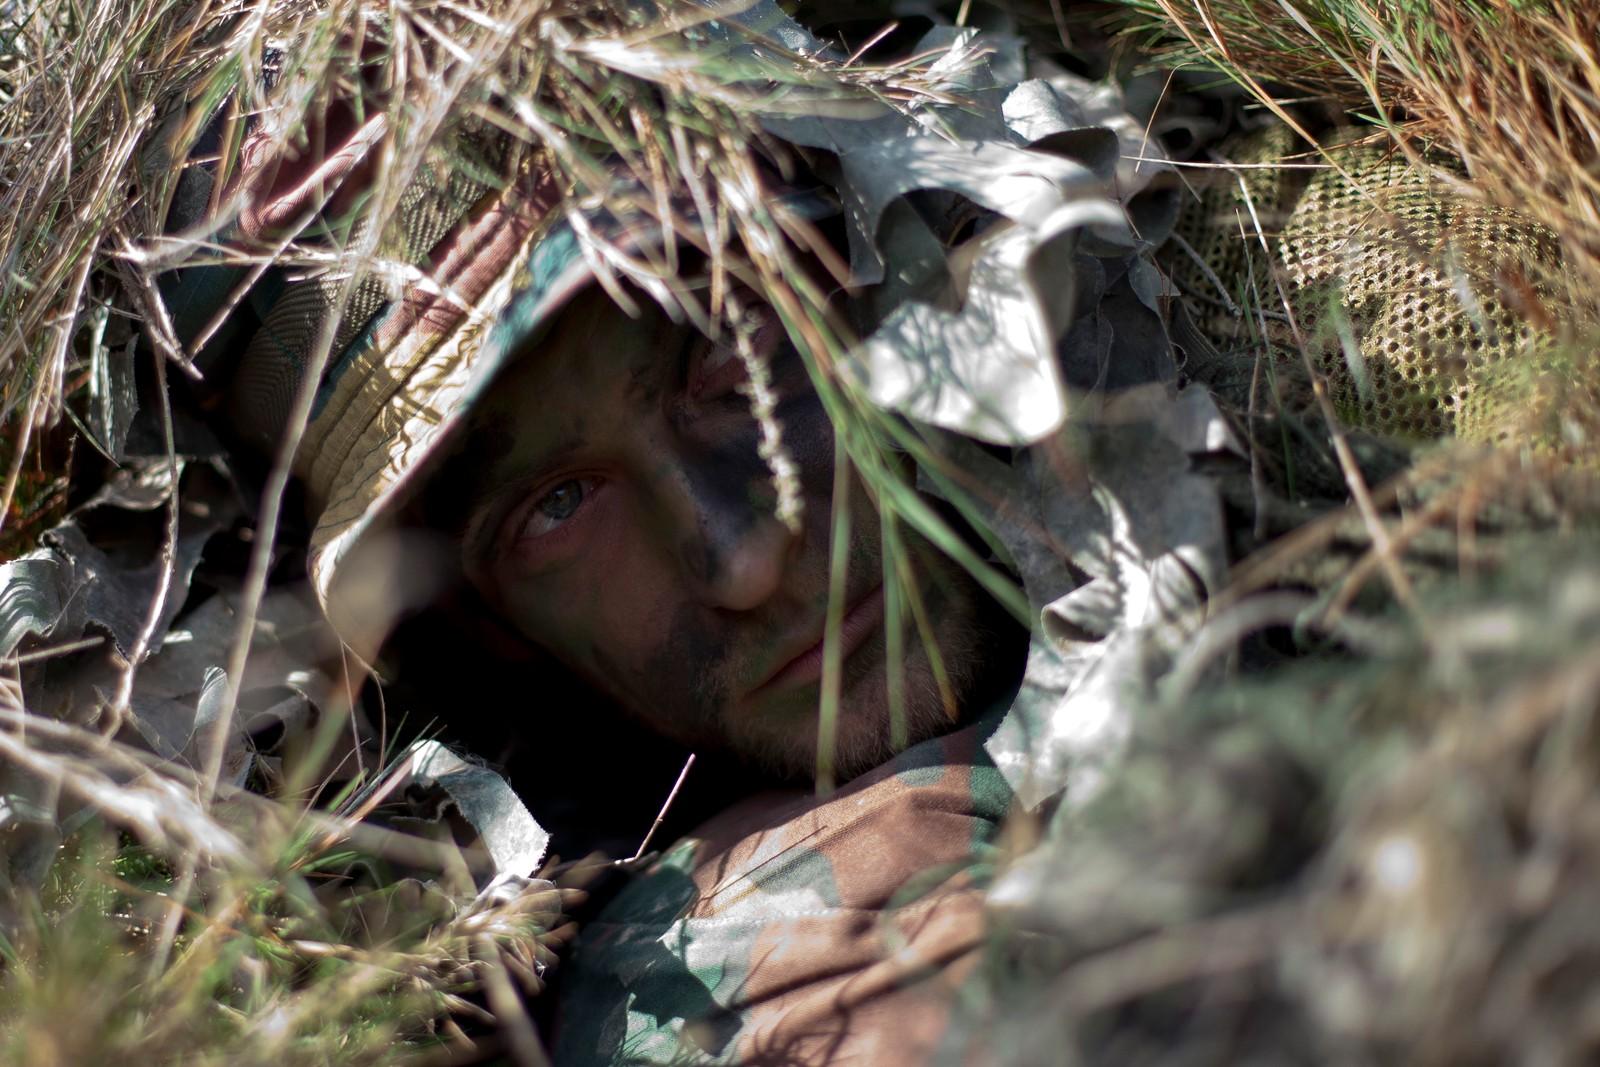 En belgisk soldat ligger kamuflert og gjemt under NATO-øvelsen som pågikk i Zaragosa, Spania denne uka. Mer enn 36.000 fra 28 land deltar i øvelsen som pågår i Sør-Europa for tiden.